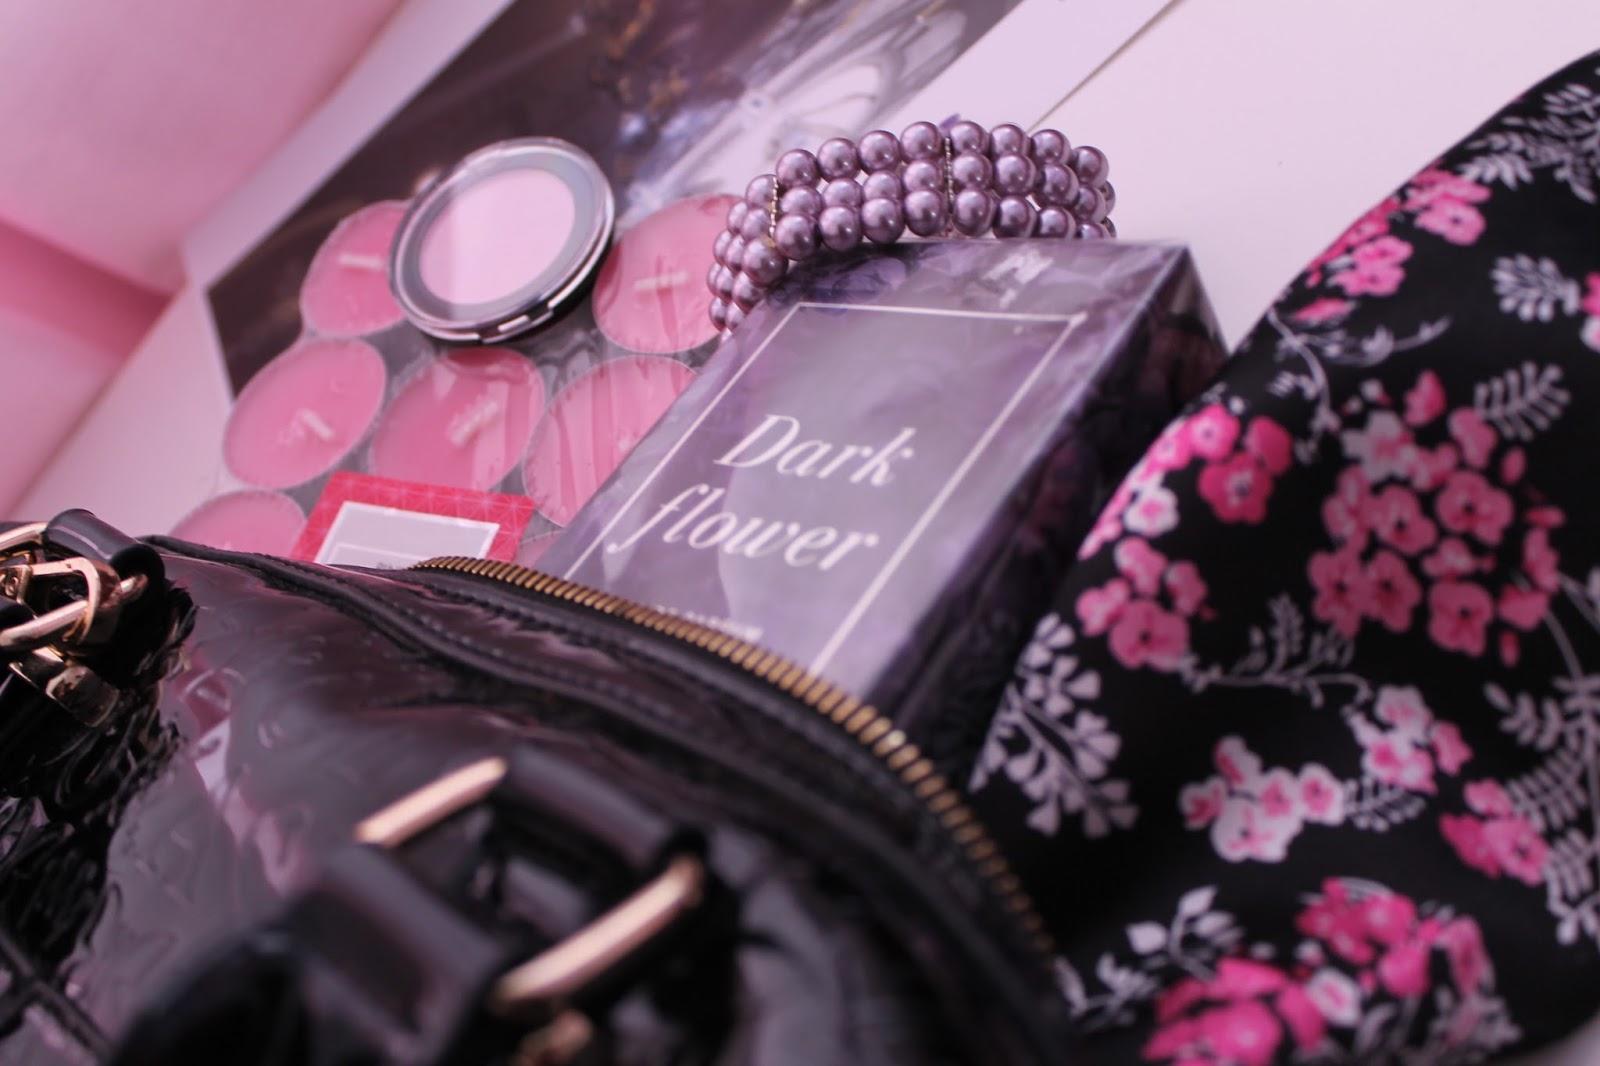 Goodies Dark Flower Fragrance